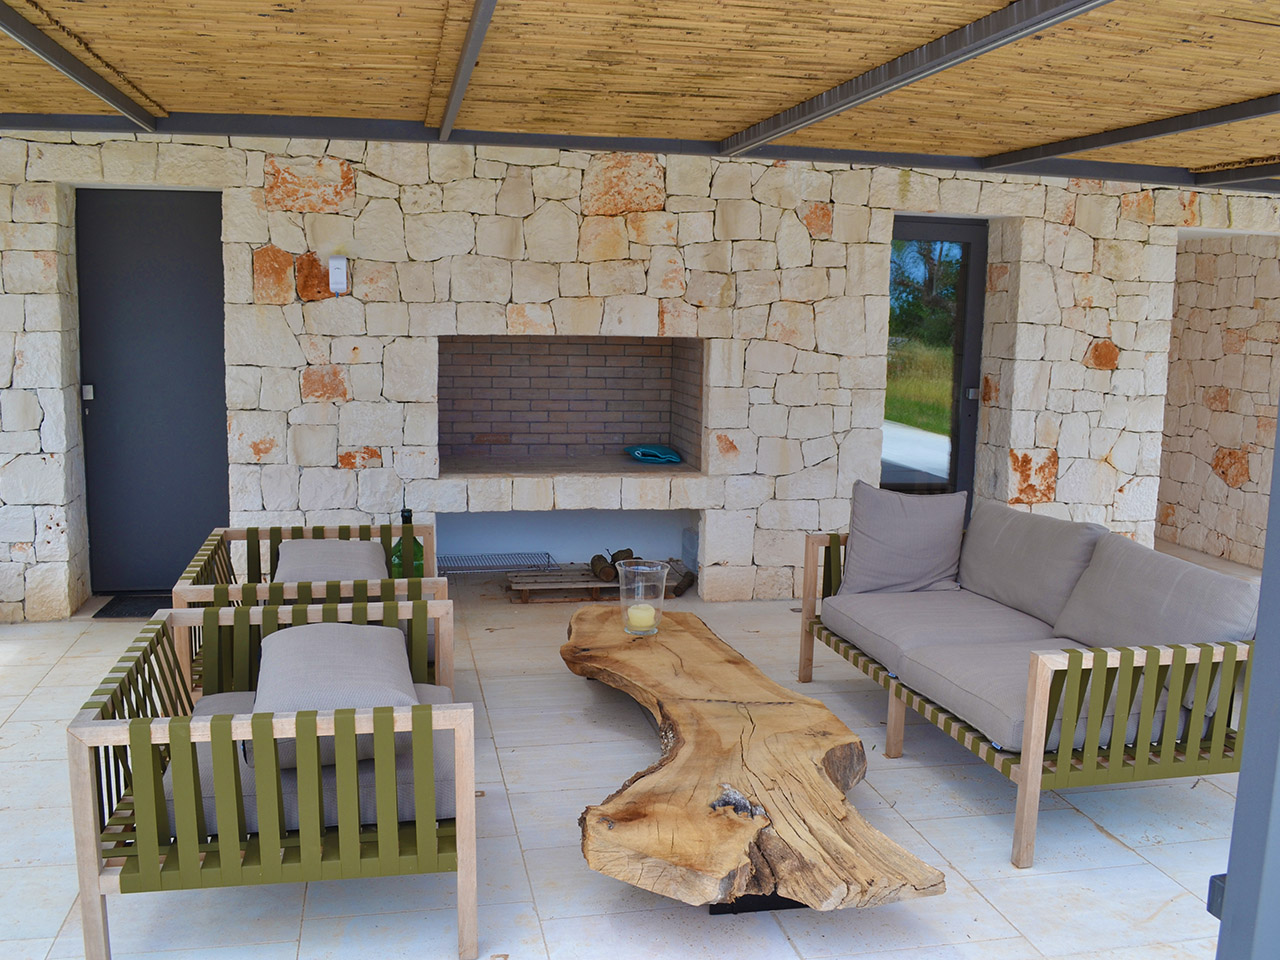 costruzioni restauri sirio ostuni nuova residenza privata chiobbica ostuni dsc 0458